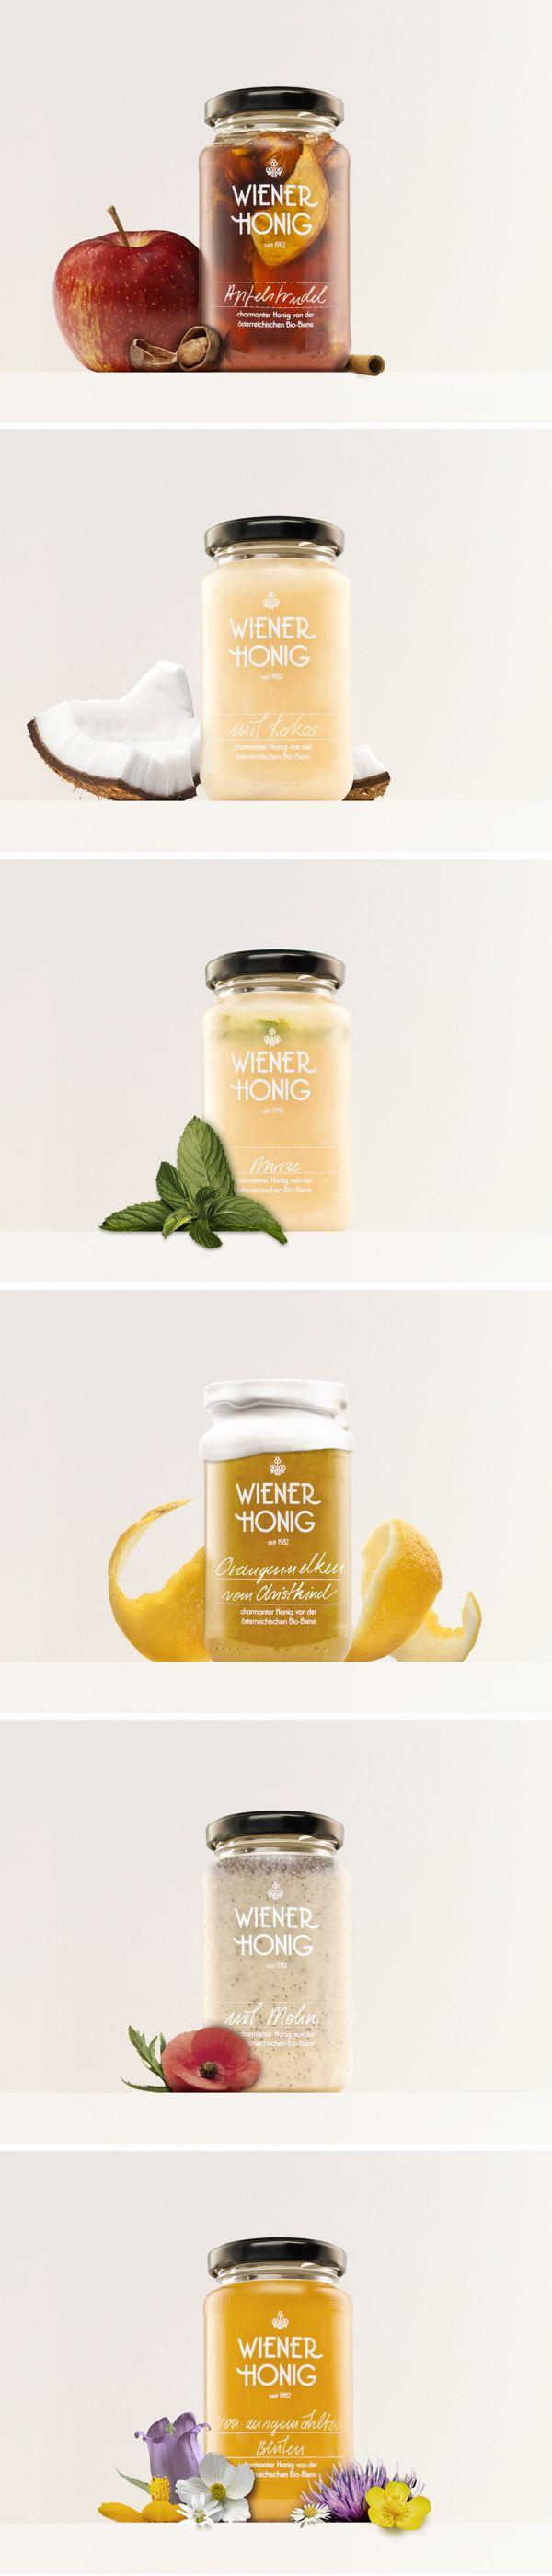 Wiener Honig / Honey from Vienna by Werner Singer, via Behance